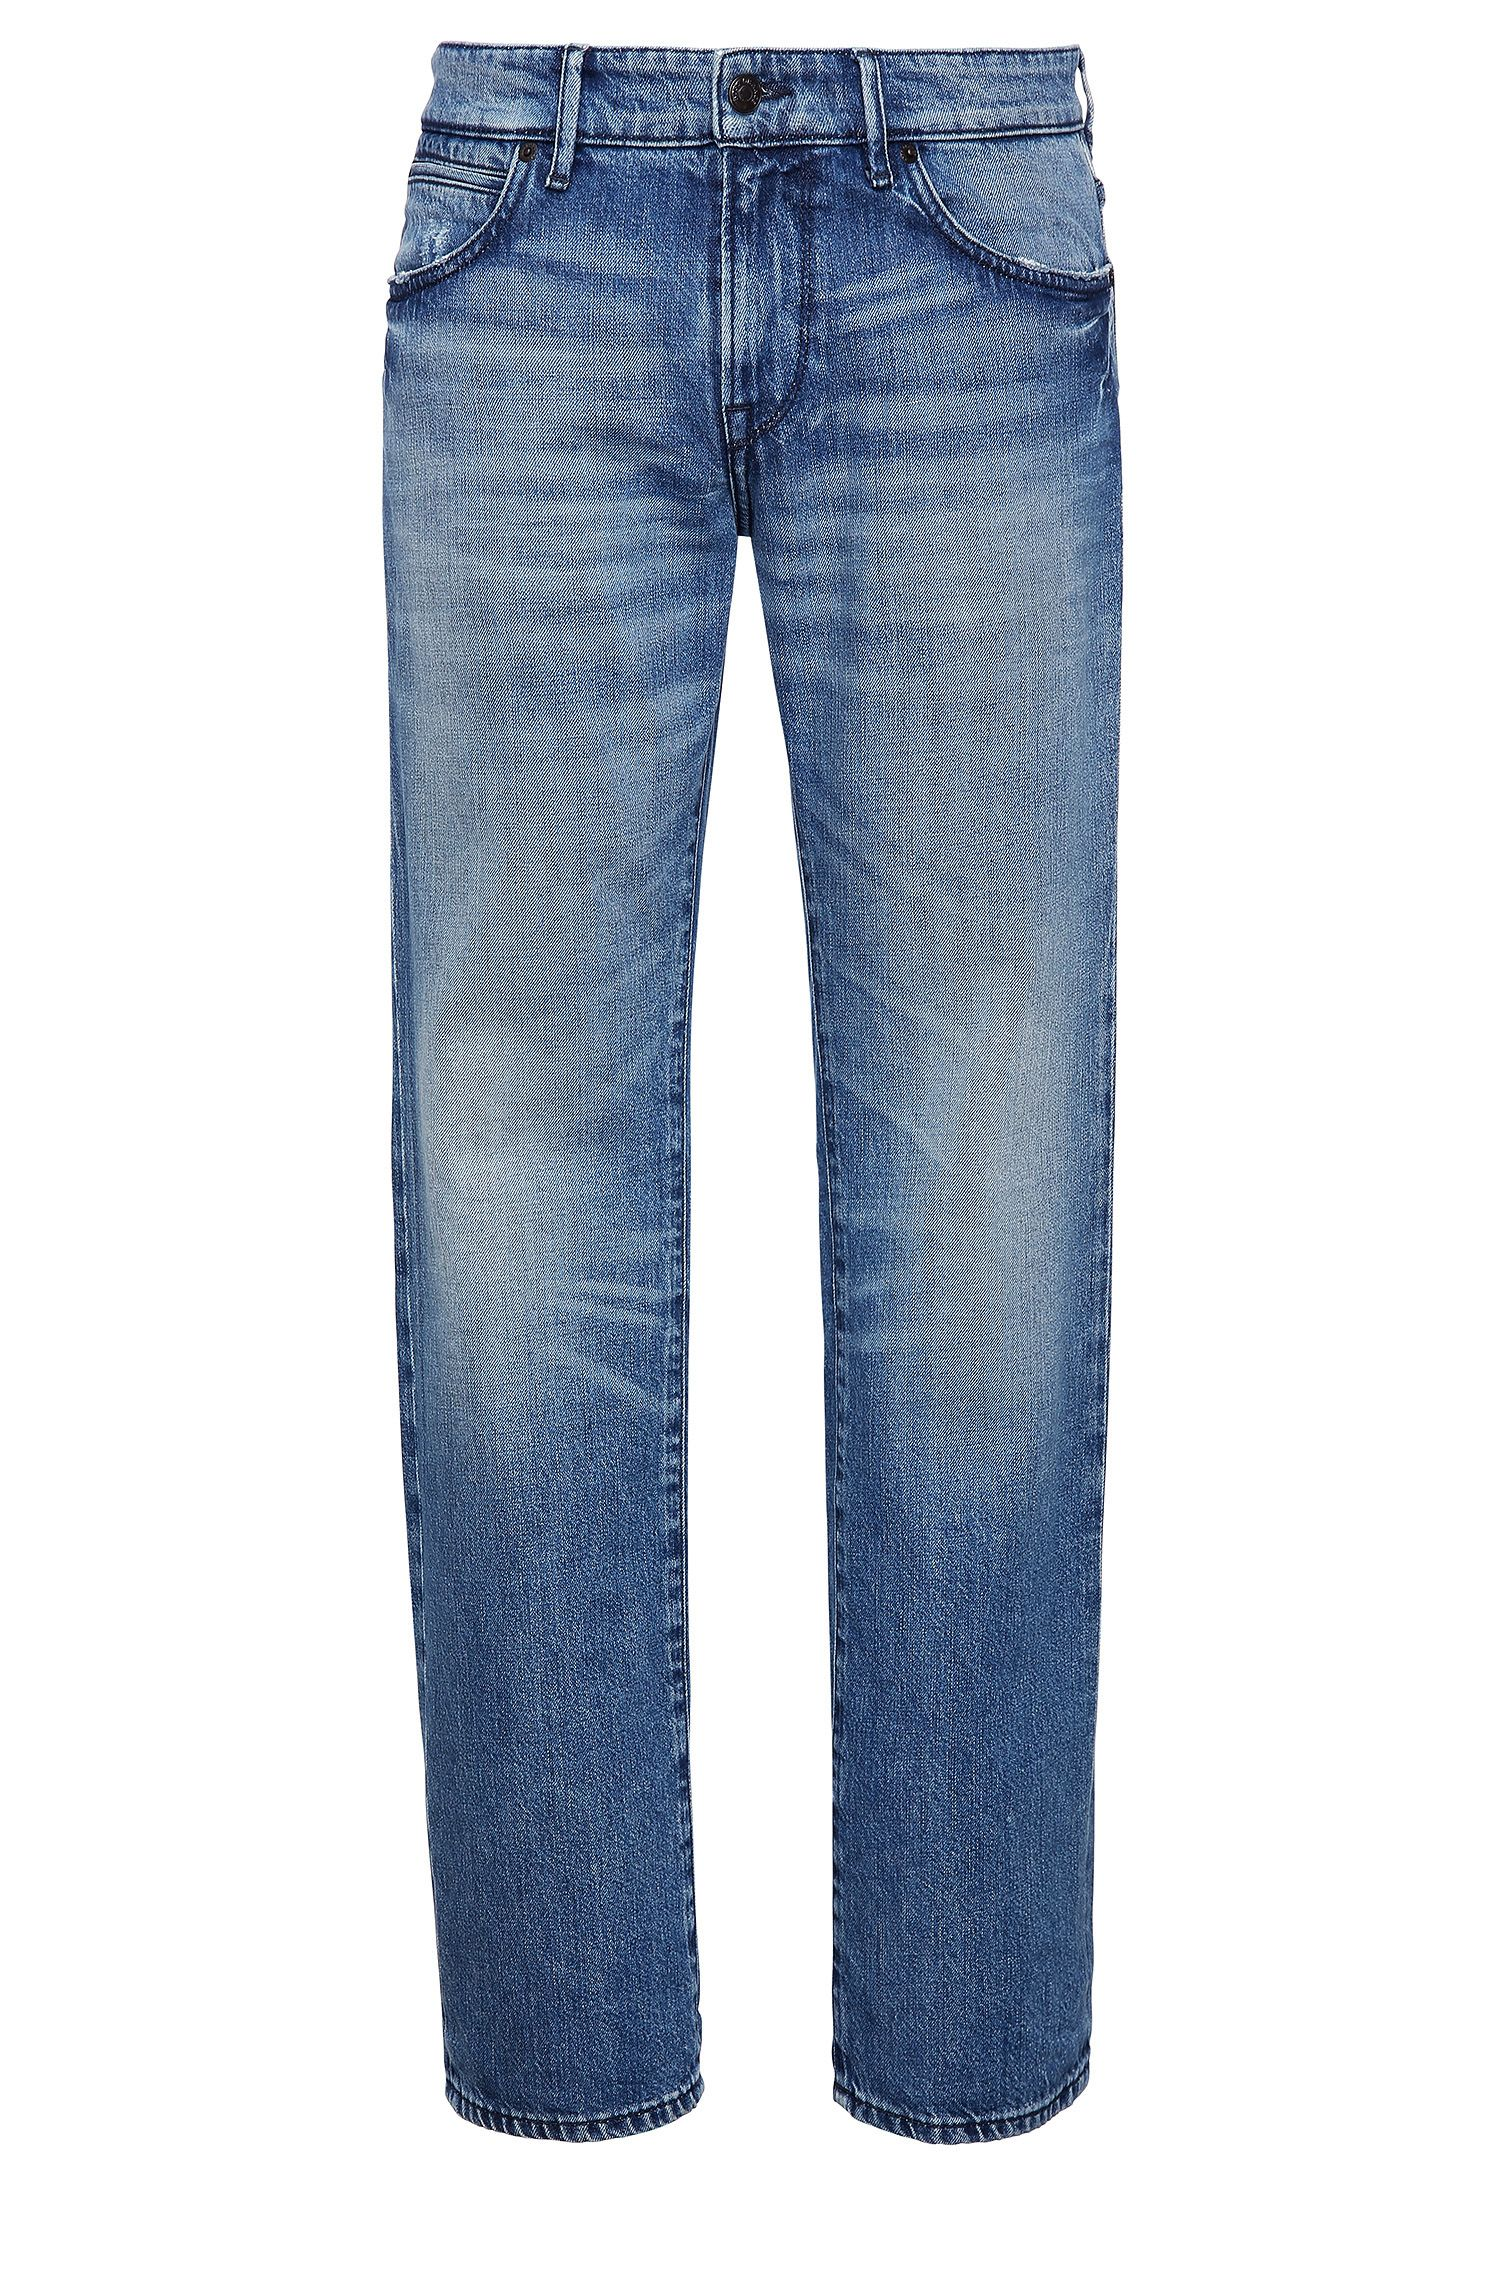 'Orange24 Barcelona'   Regular Fit, 12 oz Stretch Cotton Blend Jeans